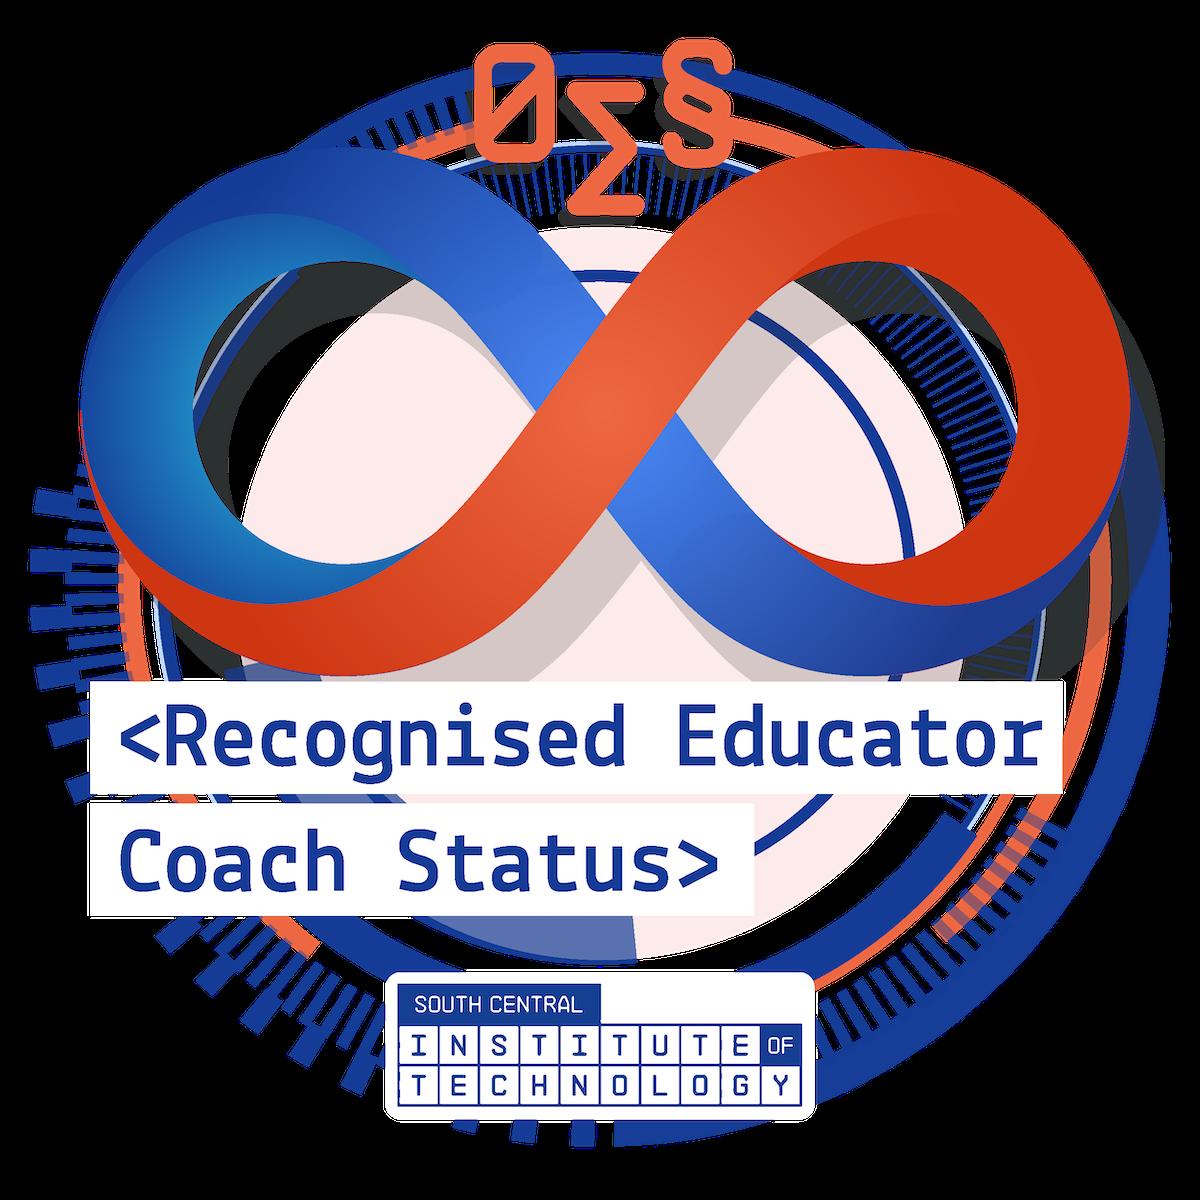 Recognised Educator Coach Status